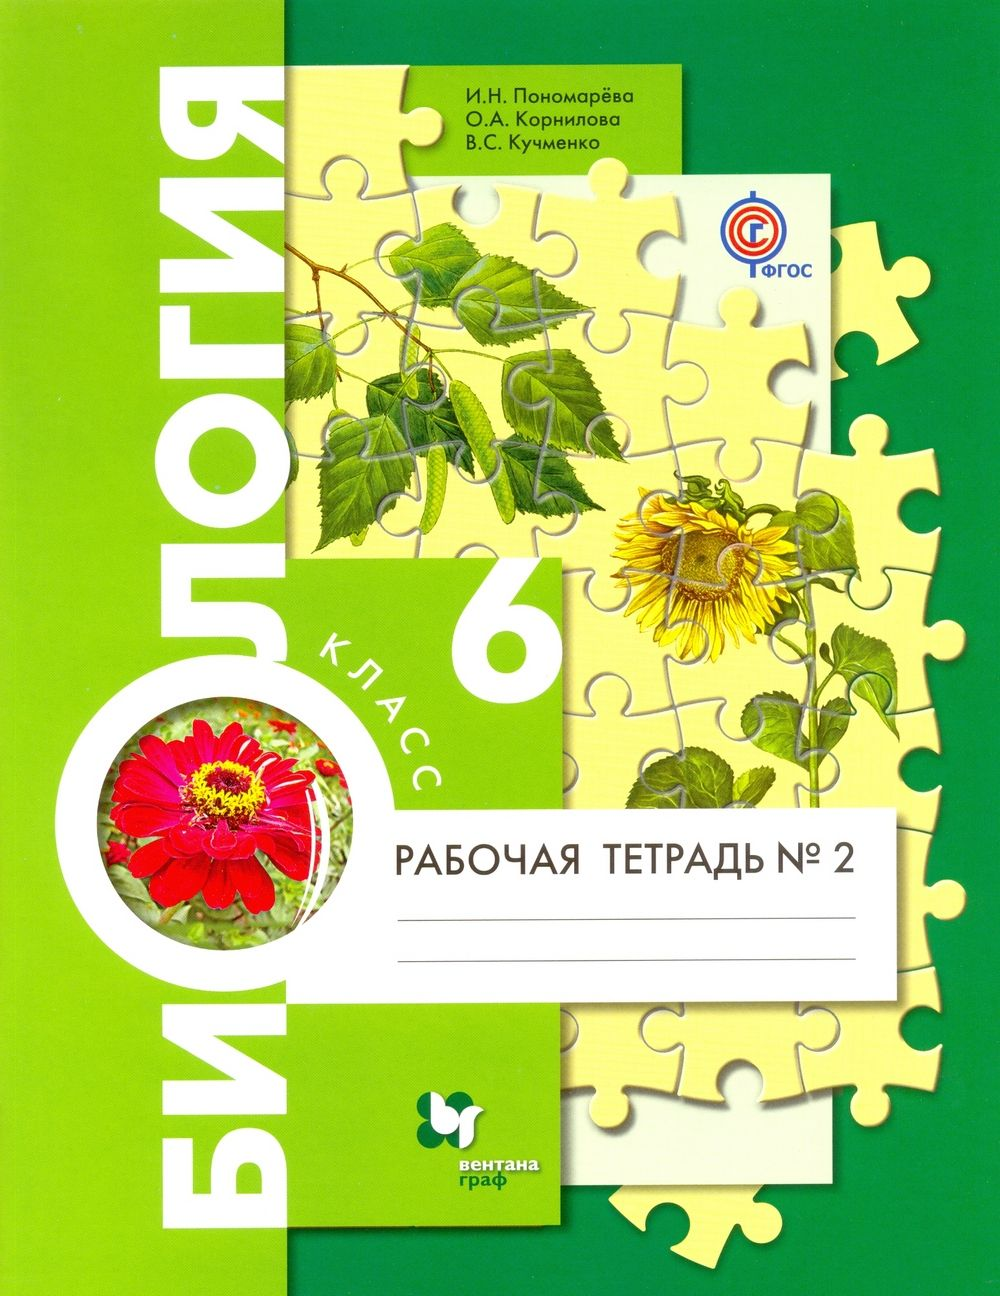 Учебник биологии 9 класс пономарева читать